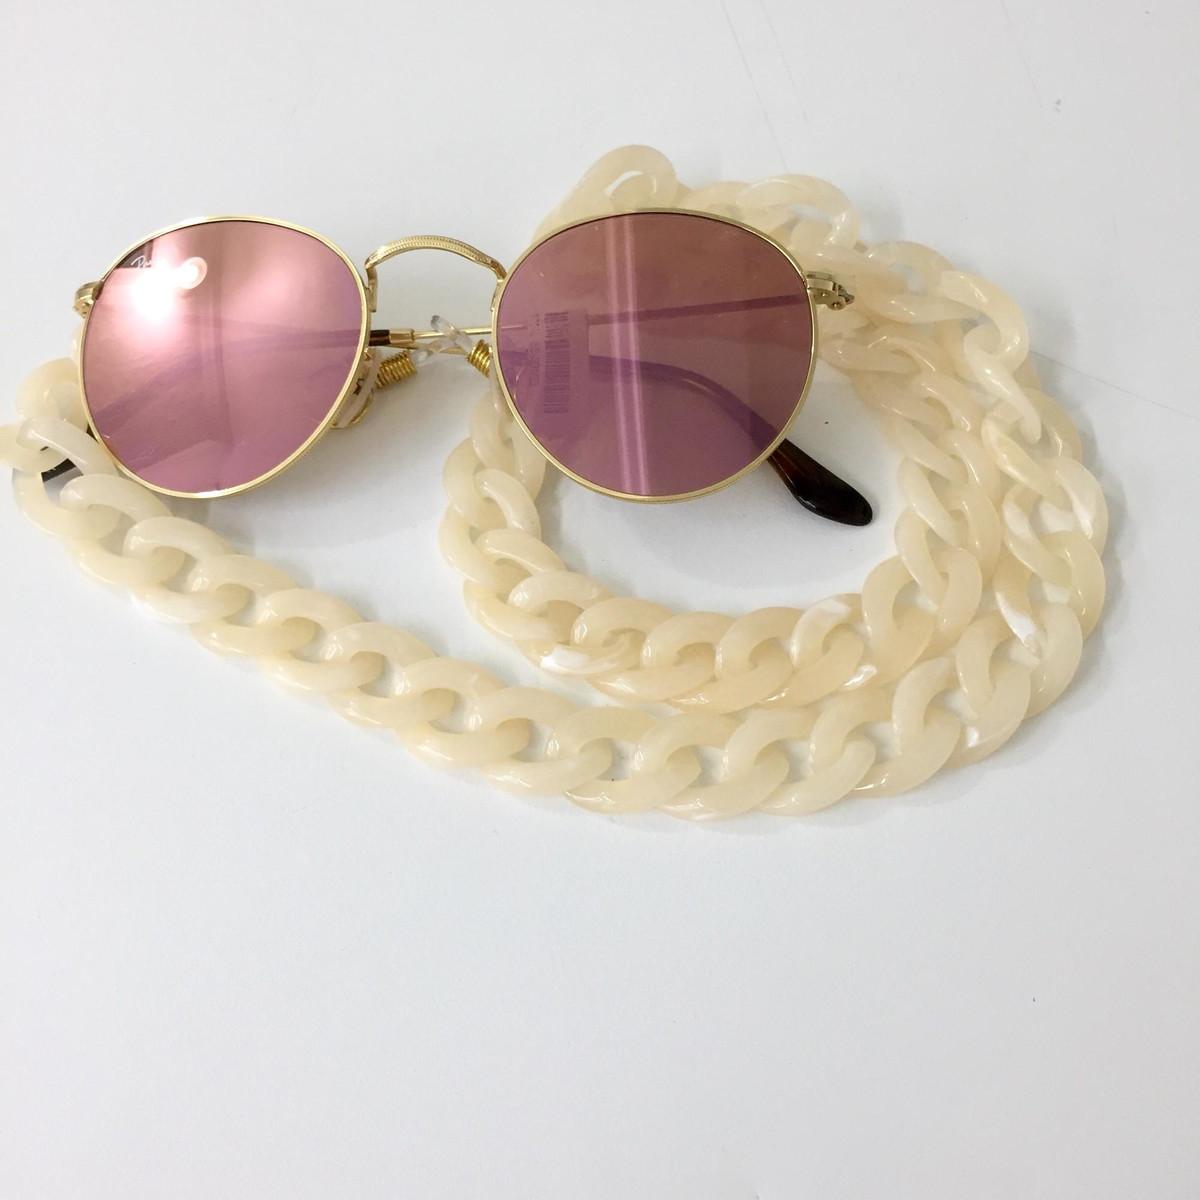 Correntes para pendurar óculos no Elo7   Carla Barranco acessórios ... 2c181a1ad7